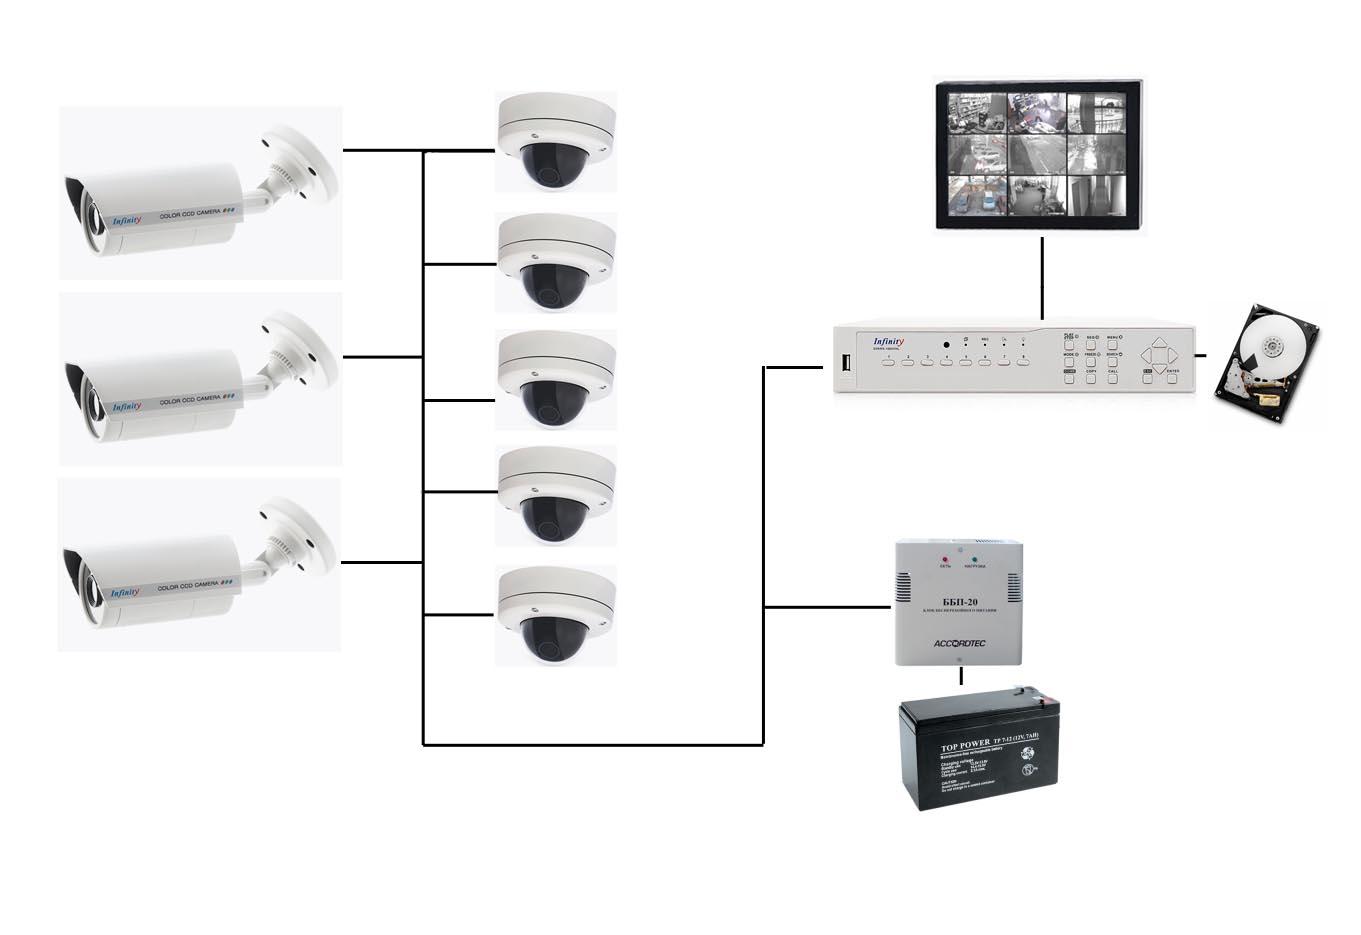 Типовые решения аналогово видеонаблюдения